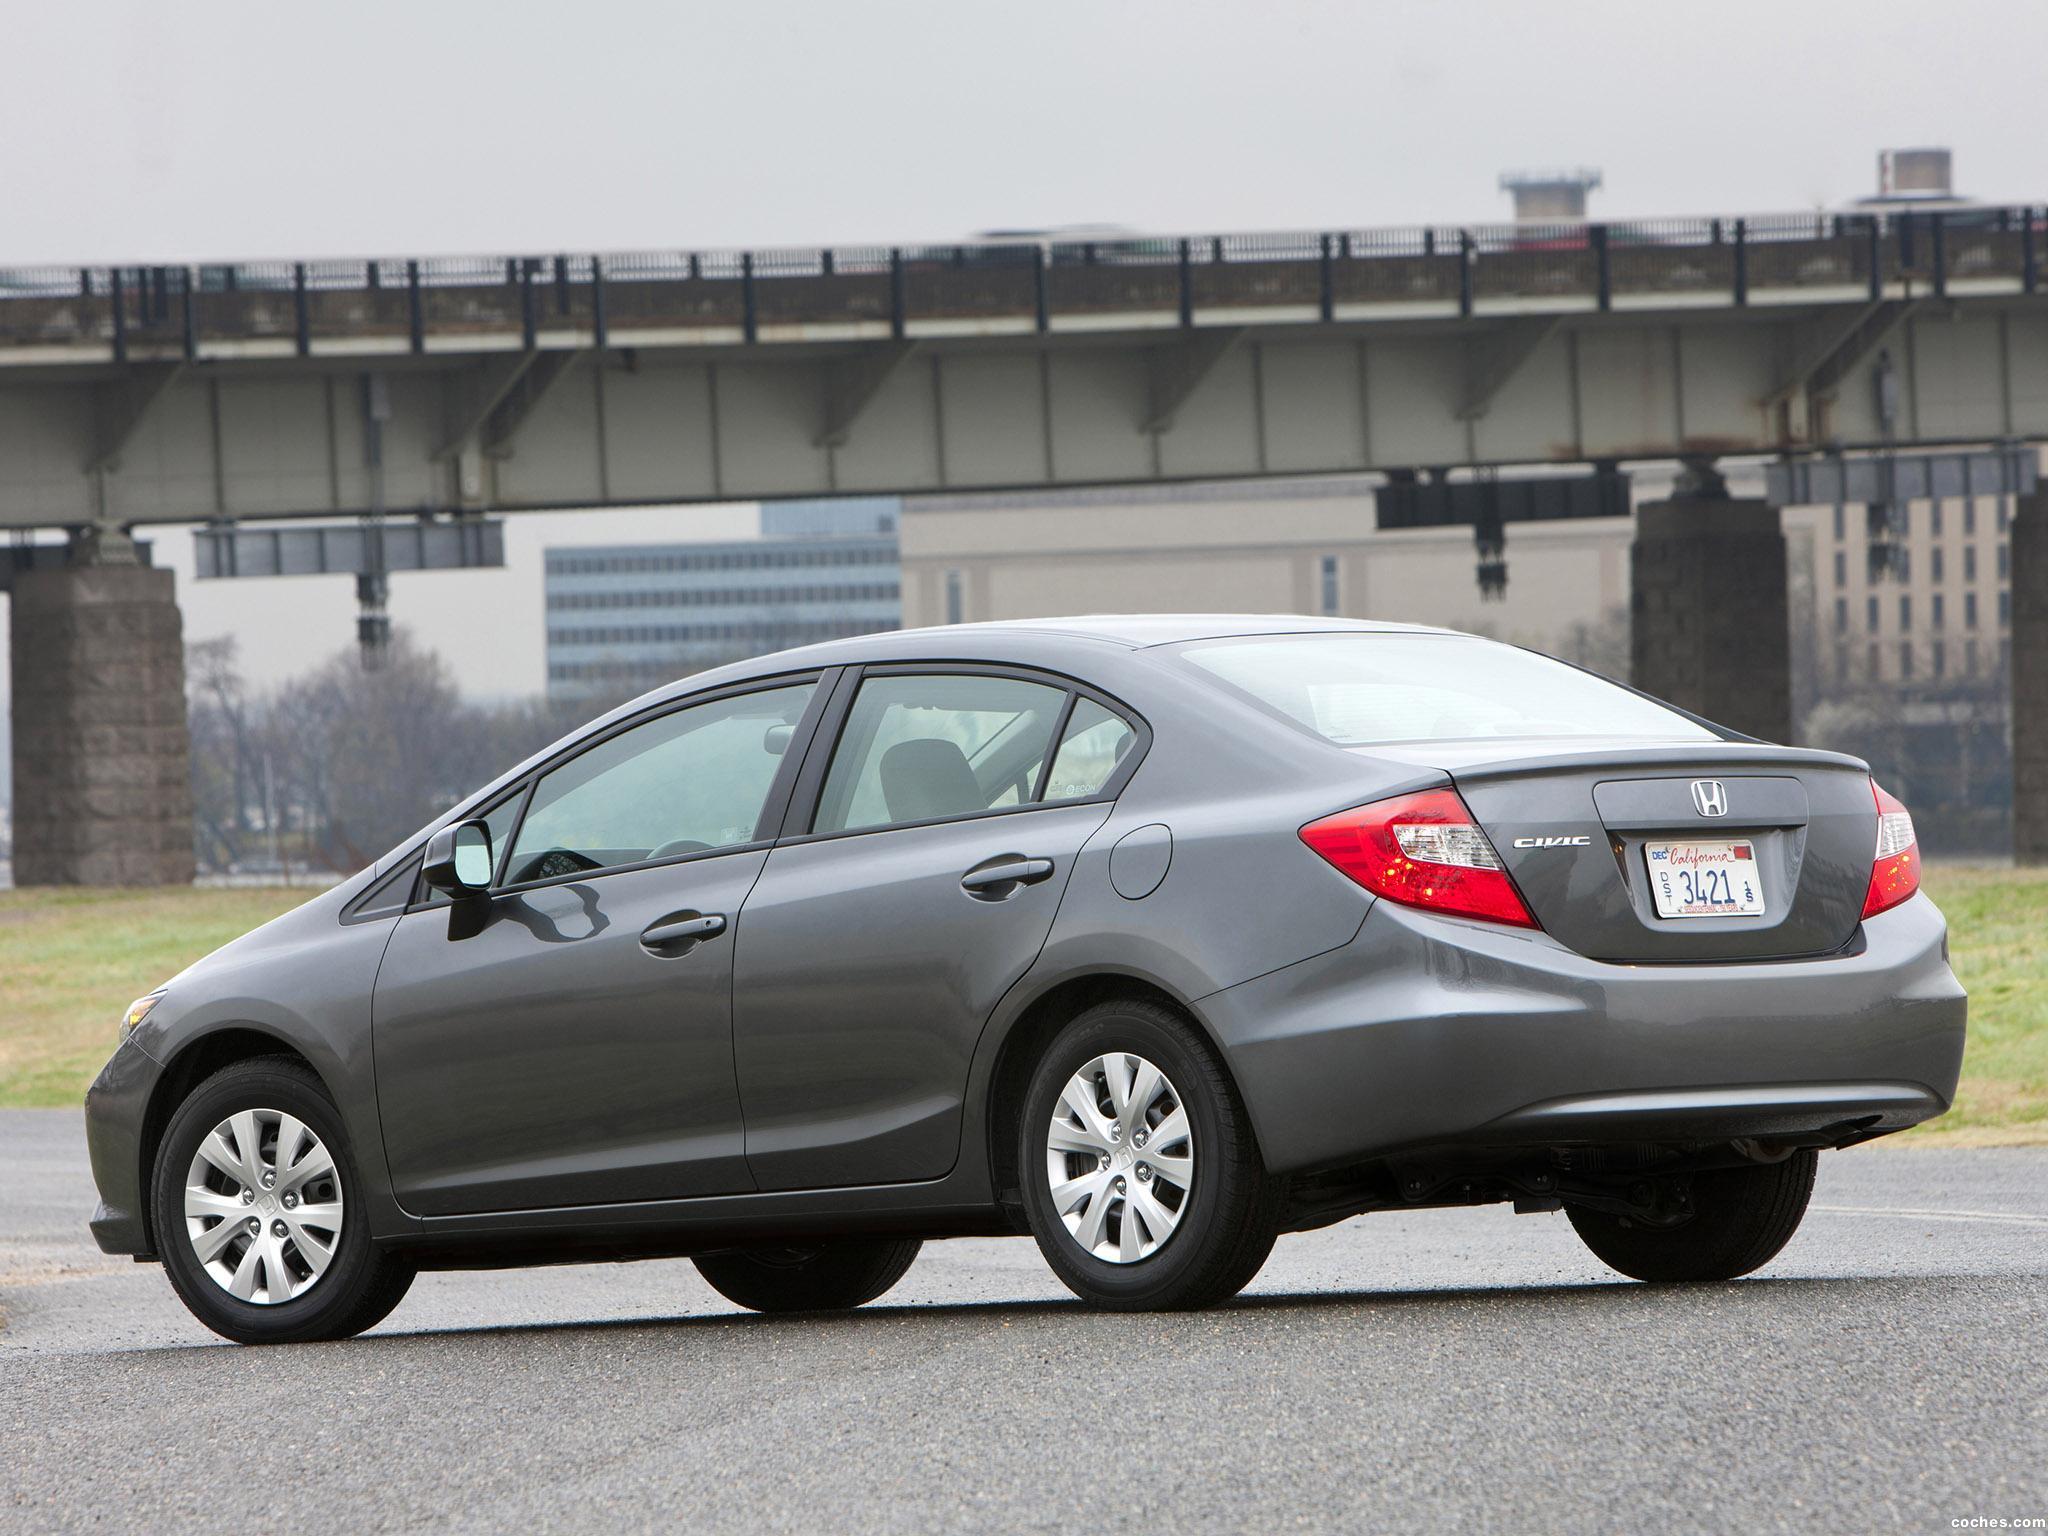 Foto 1 de Honda Civic LX Sedan 2011